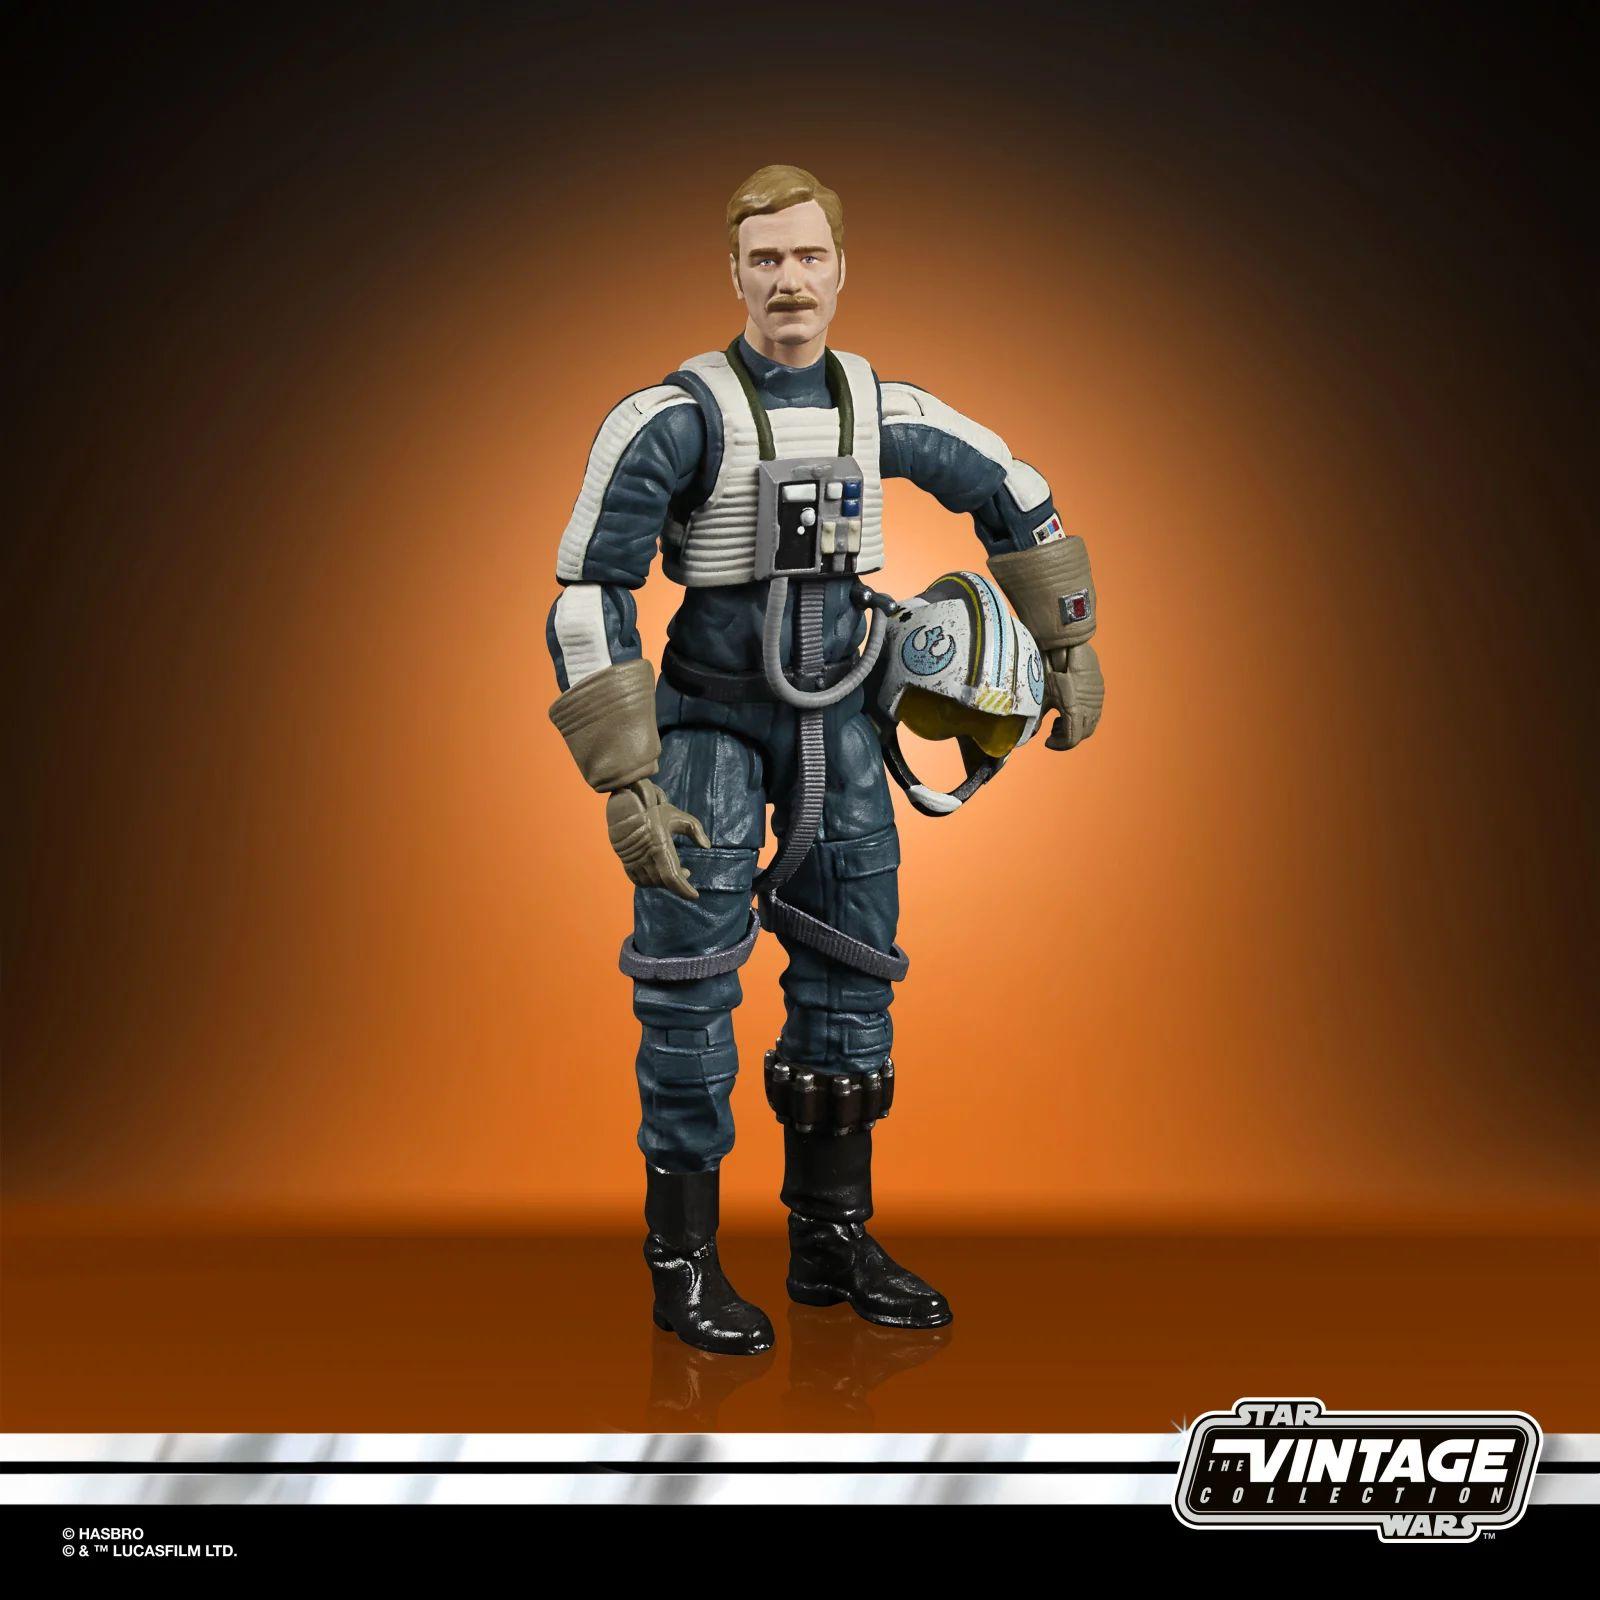 VC-General-Antoc-Merrick-RO-Loose-1.jpg